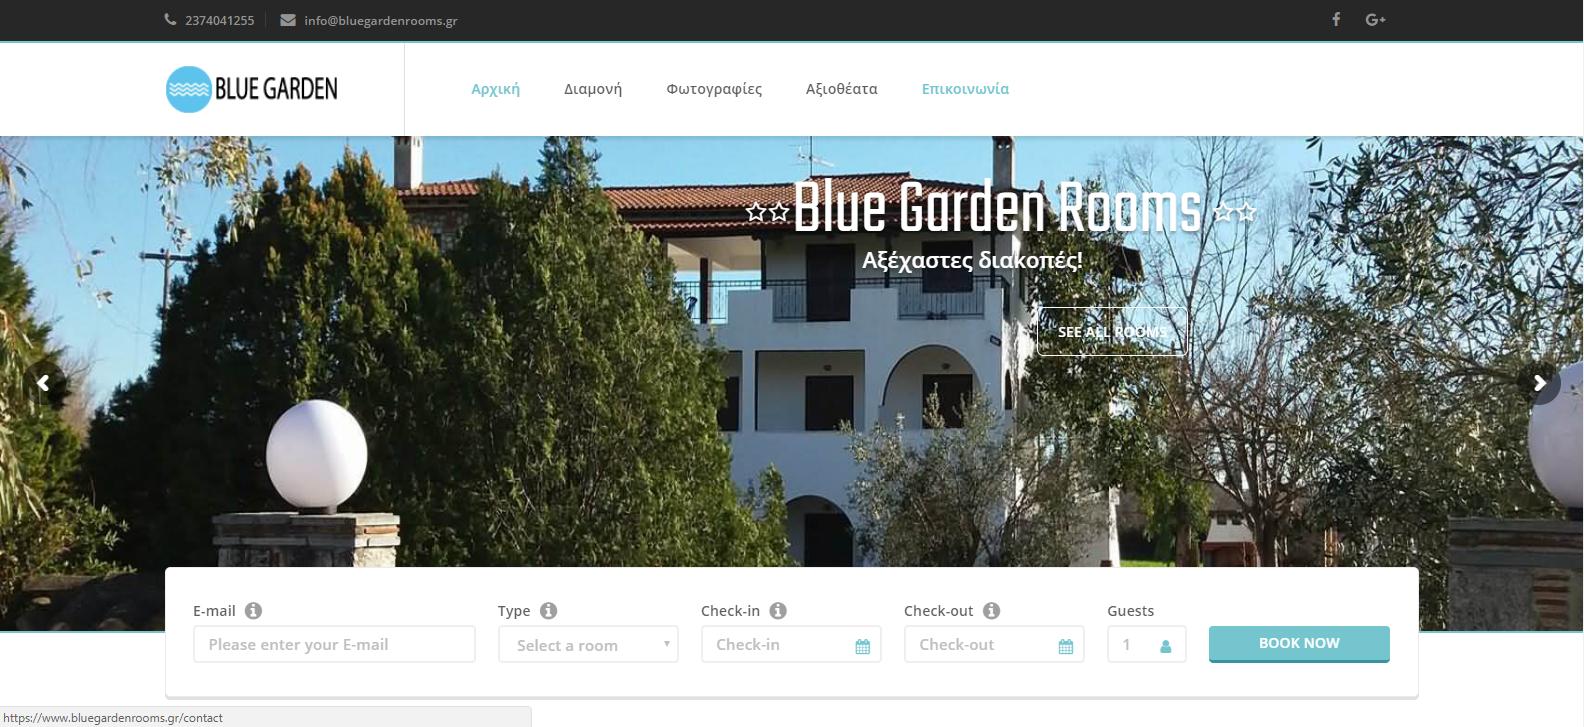 Νέα ιστοσελίδα για ξενοδοχείο